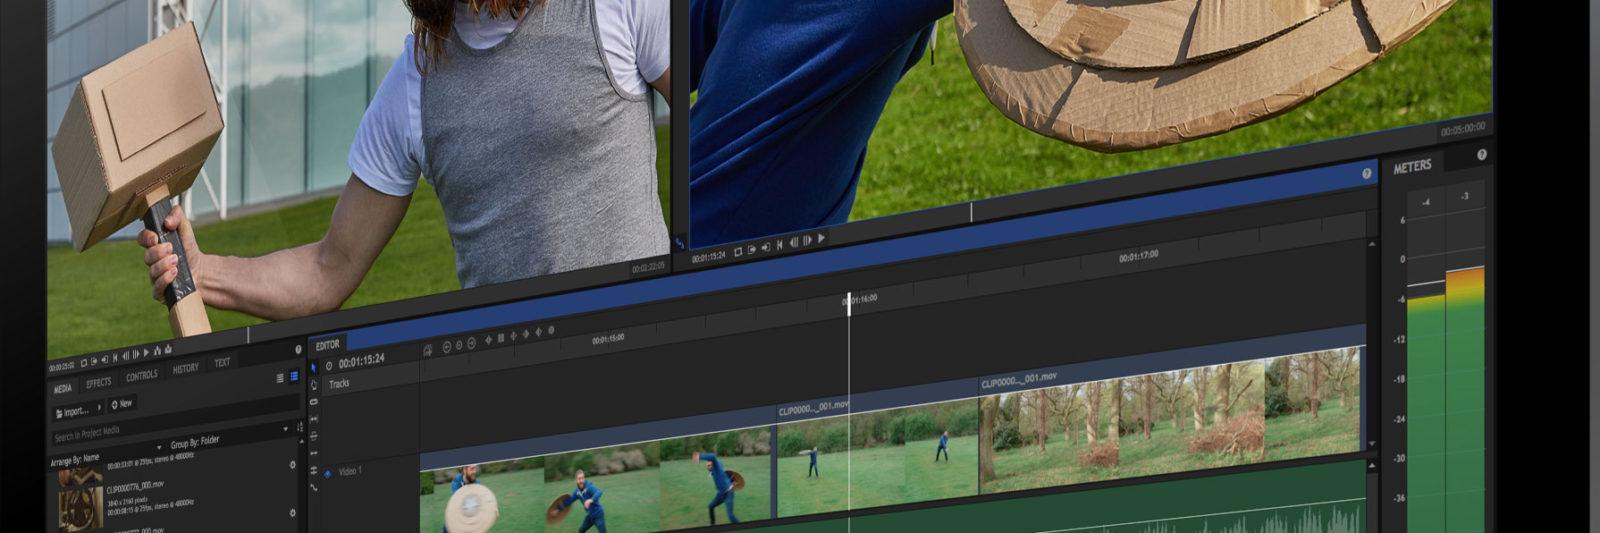 Hitfilm, software de edición y composición de vídeo